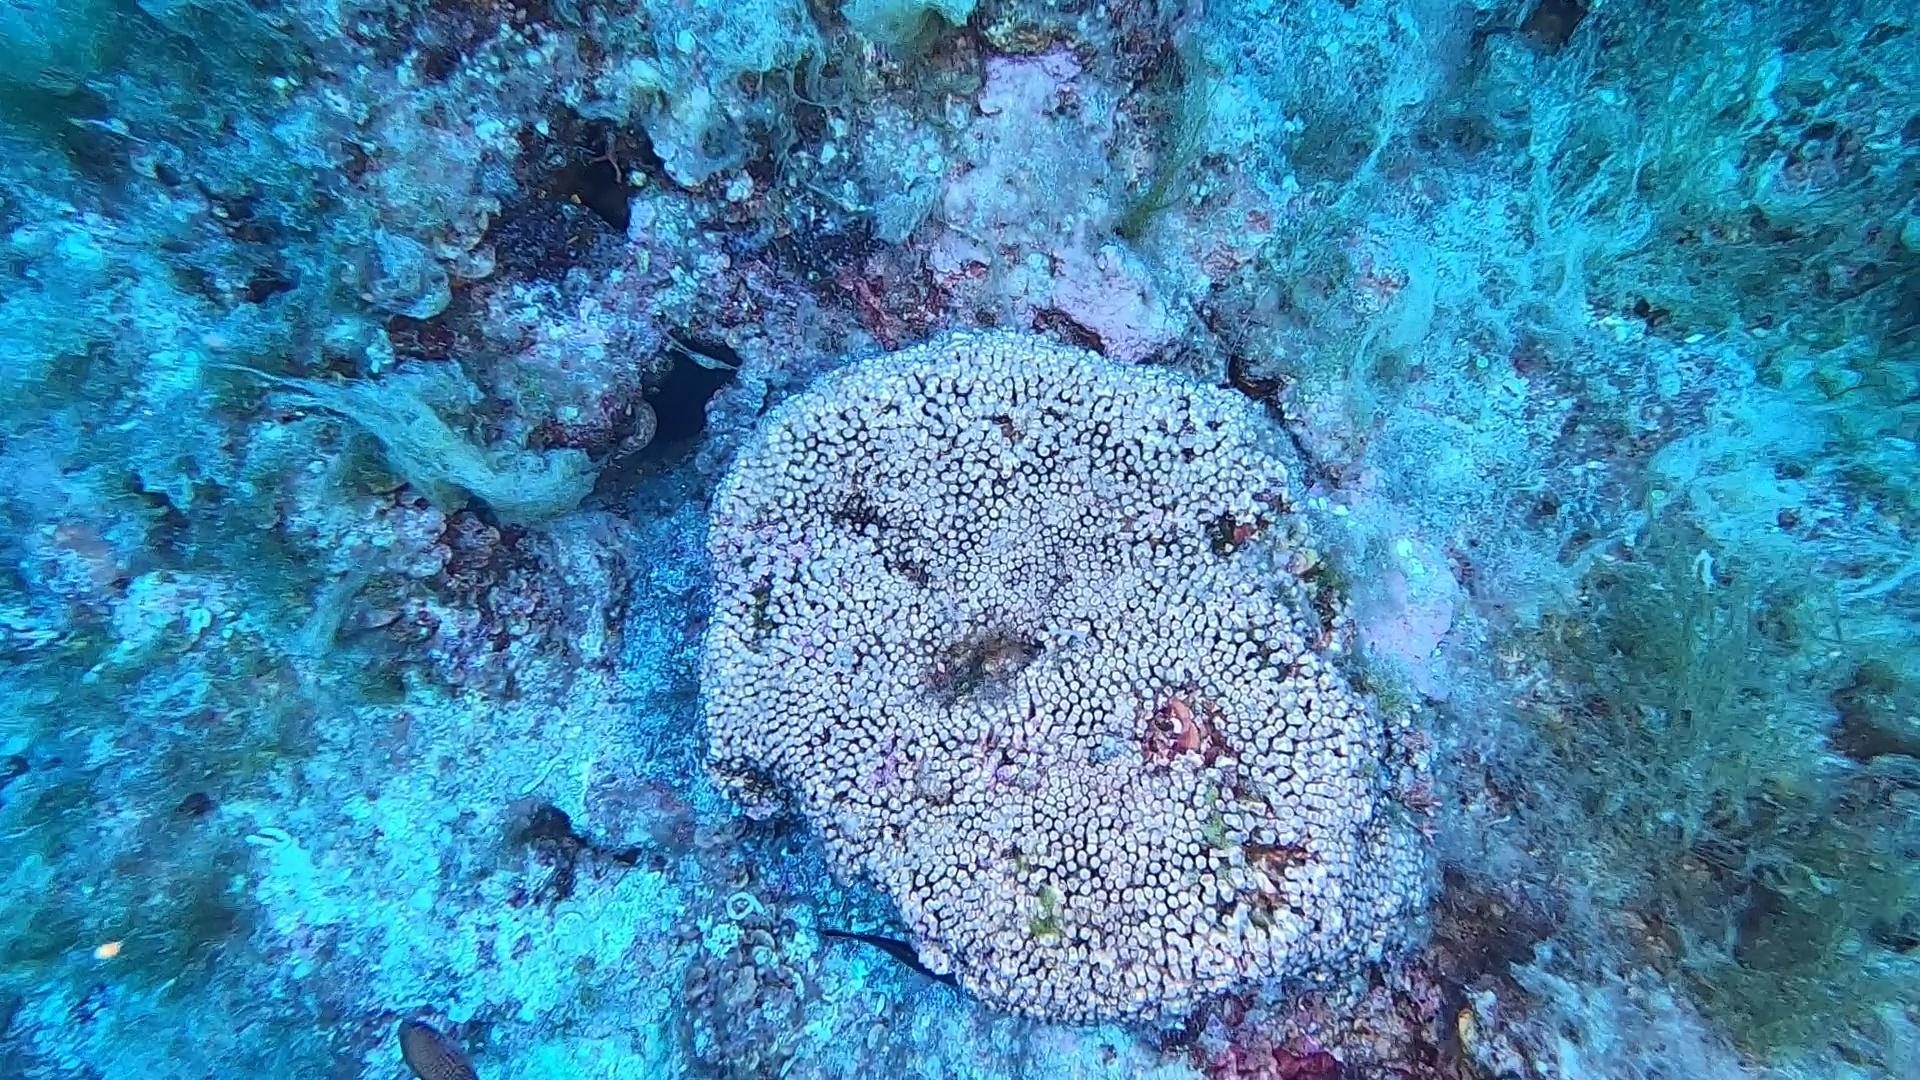 Cladocora caespitosa Madrepora a Cuscino cushion coral intotheblue.it